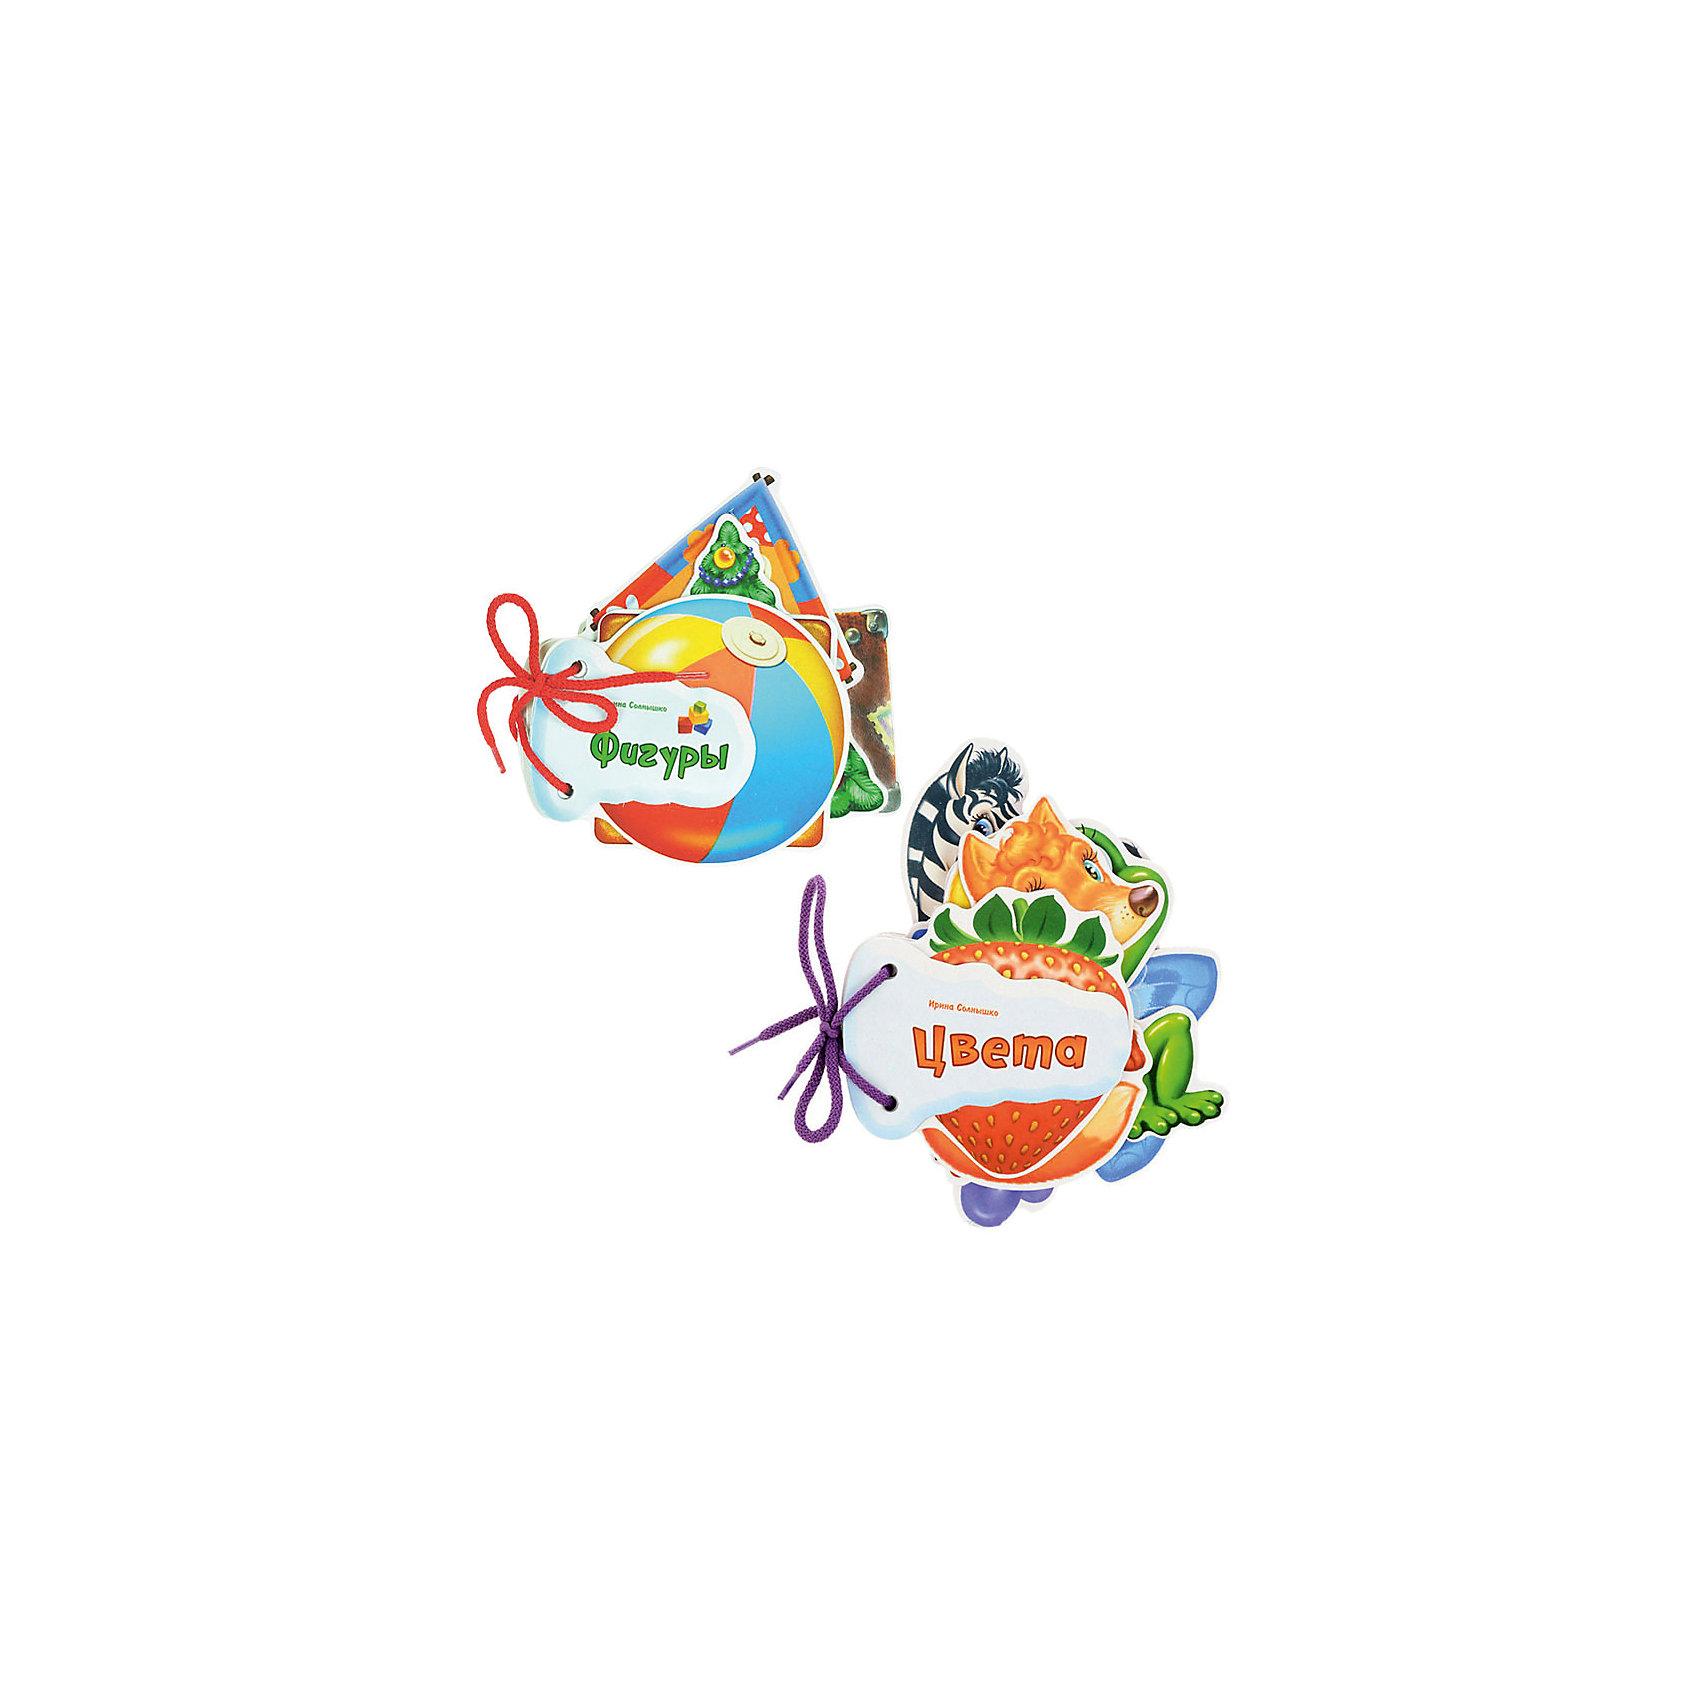 Комплект из 2 книг, серия Отгадай-каПервые книги малыша<br>Характеристики:<br><br>• возраст: от 1 года<br>• в комплекте: 2 книги (Фигуры, Цвета)<br>• автор: Солнышко Ирина<br>• издательство: НД Плэй<br>• серия: Отгадай-ка!<br>• тип обложки: картон<br>• иллюстрации: цветные<br>• количество страниц в каждой книге: 14 (картон)<br>• размер одной книги: 15,6х15,5х1,5 см.<br>• вес одной книги: 82 гр.<br>• ISBN: 4690241154776<br><br>Комплект из 2 книг серии «Отгадай-ка!» познакомит малыша с фигурами и цветами.<br><br>Серия «Отгадай-ка!» создана специально для самых маленьких. Каждая страничка книжки - это прочная фигурка в форме фрукта, животного, любимой игрушки. Развяжите шнурок и Вы получите замечательные карточки для игры в слова и знакомства малыша с окружающим миром. К тому же на обороте каждой странички Вы найдёте забавные загадки-доскладушки, которые помогут развить речь и воображение малыша.<br><br>Комплект из 2 книг, серия Отгадай-ка можно купить в нашем интернет-магазине.<br><br>Ширина мм: 130<br>Глубина мм: 16<br>Высота мм: 145<br>Вес г: 200<br>Возраст от месяцев: 36<br>Возраст до месяцев: 2147483647<br>Пол: Унисекс<br>Возраст: Детский<br>SKU: 6910534